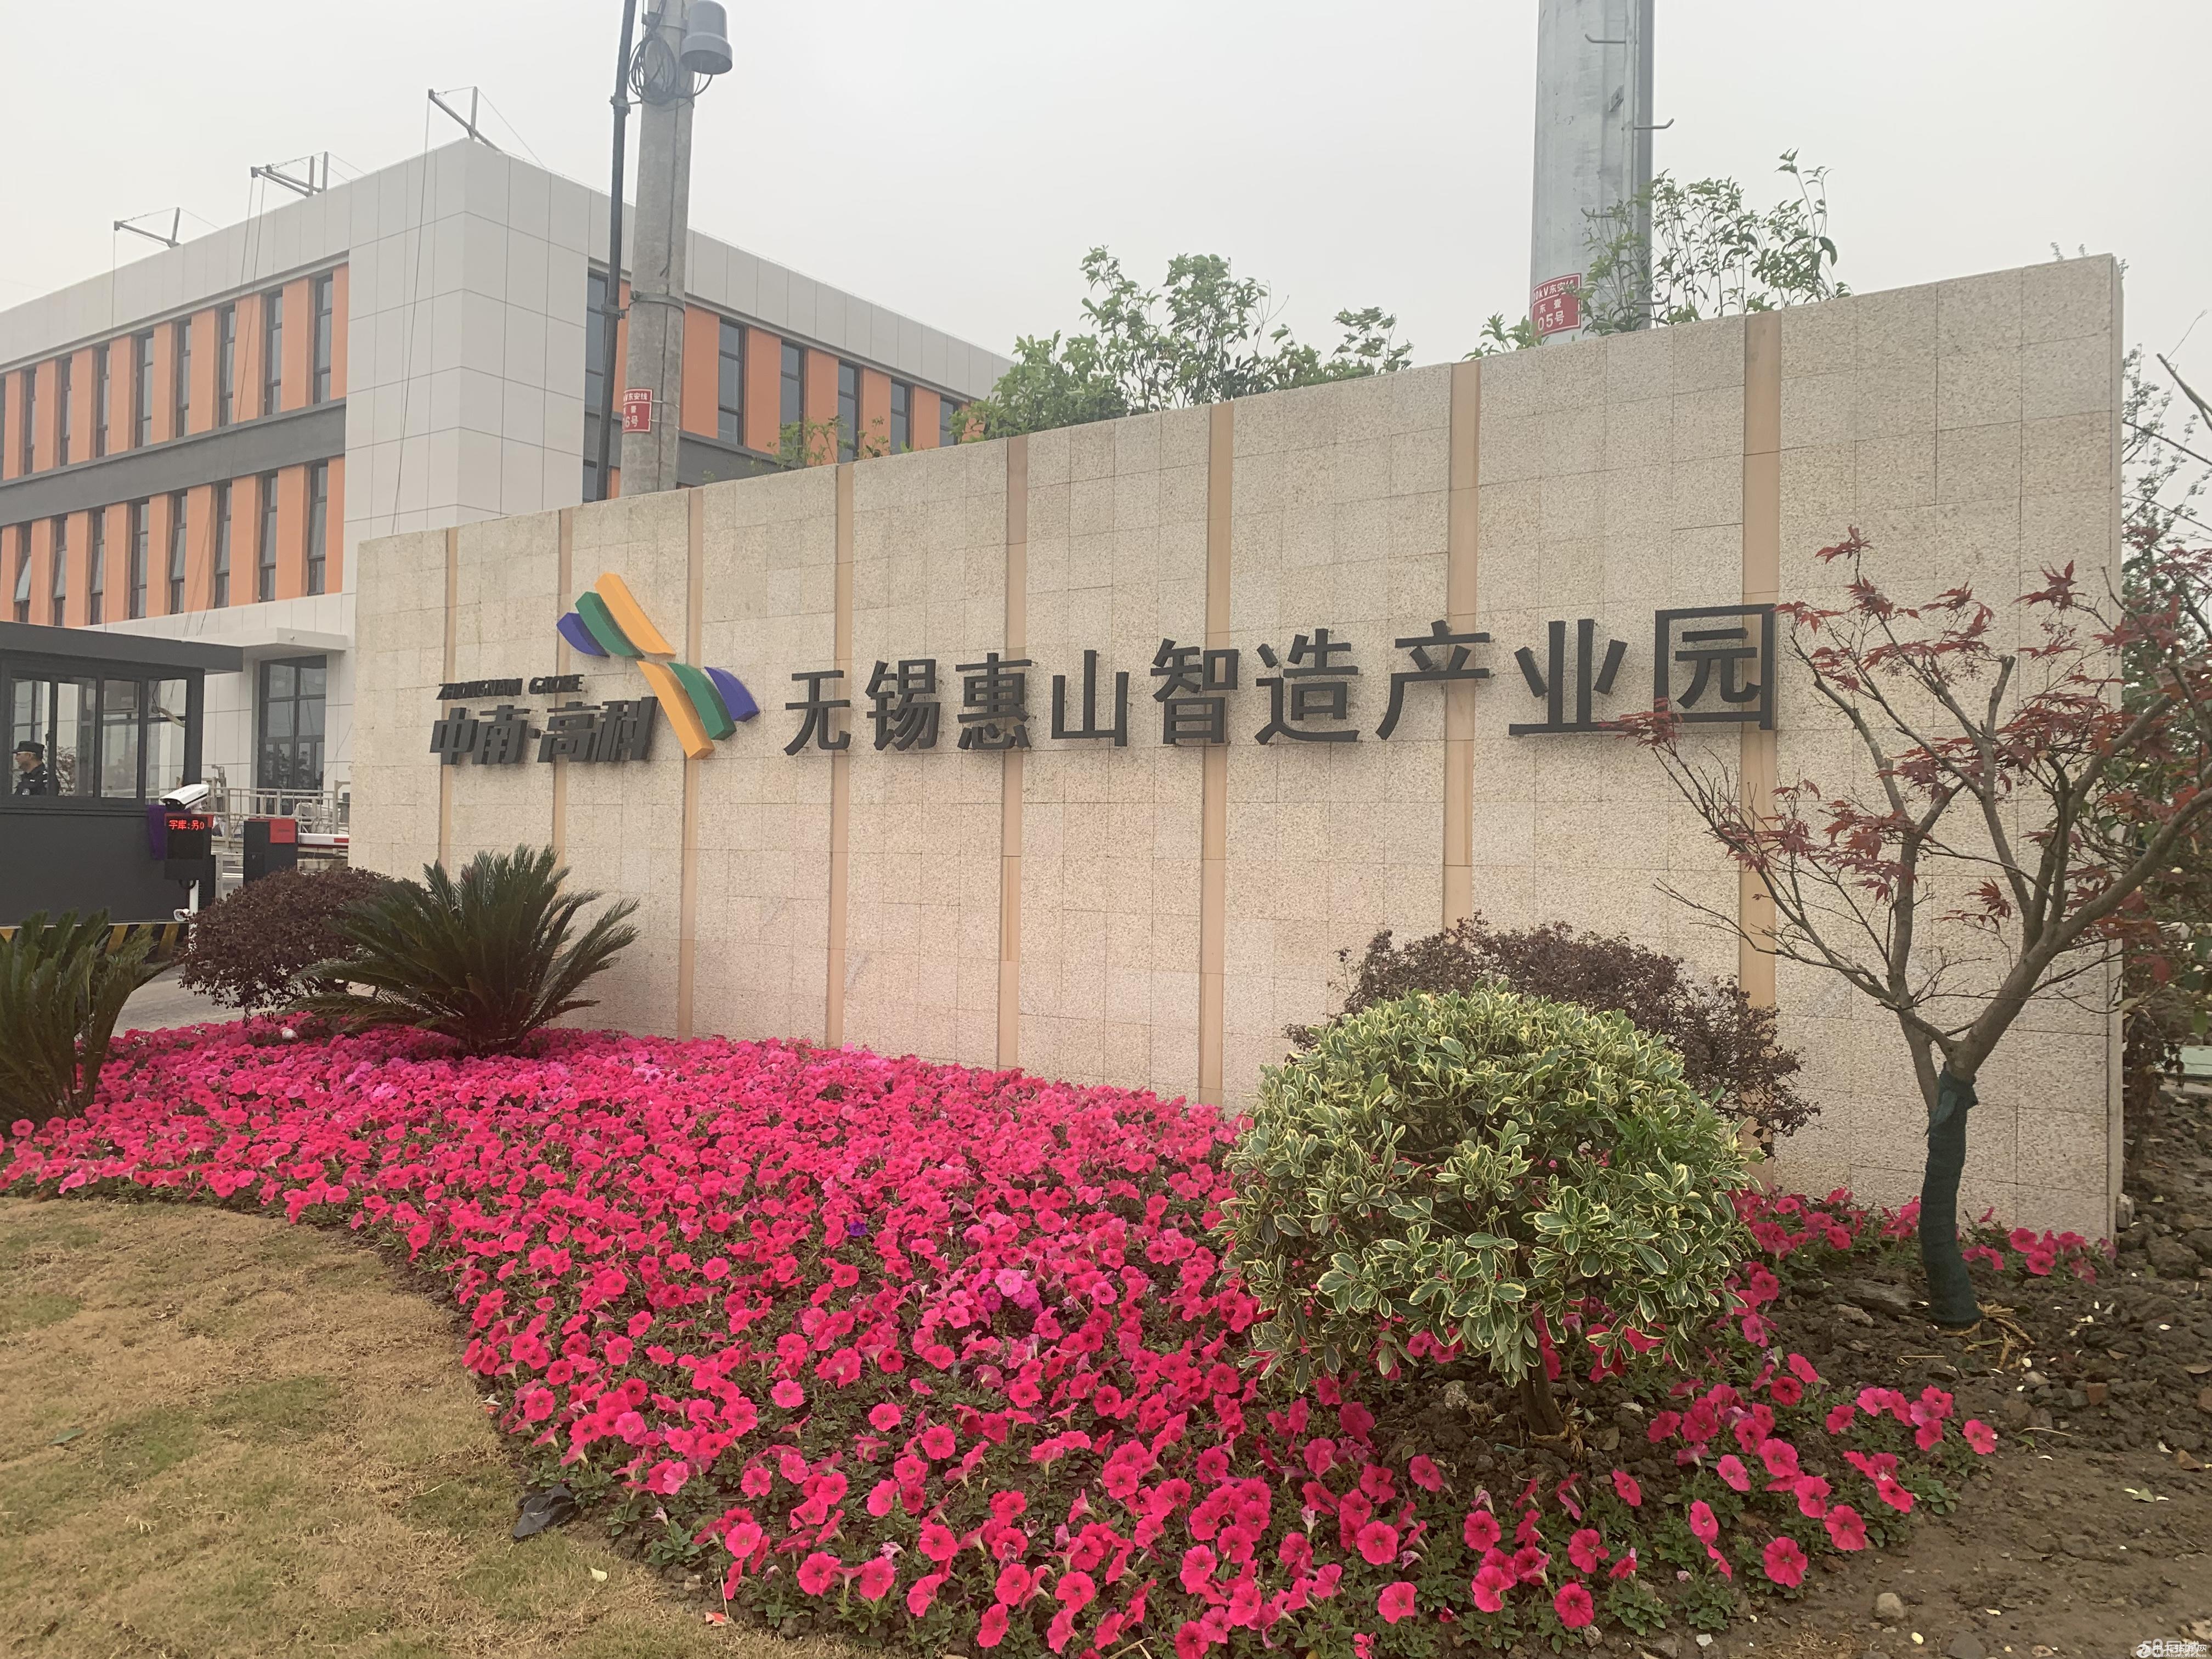 无锡惠山智造产业园,国土产权